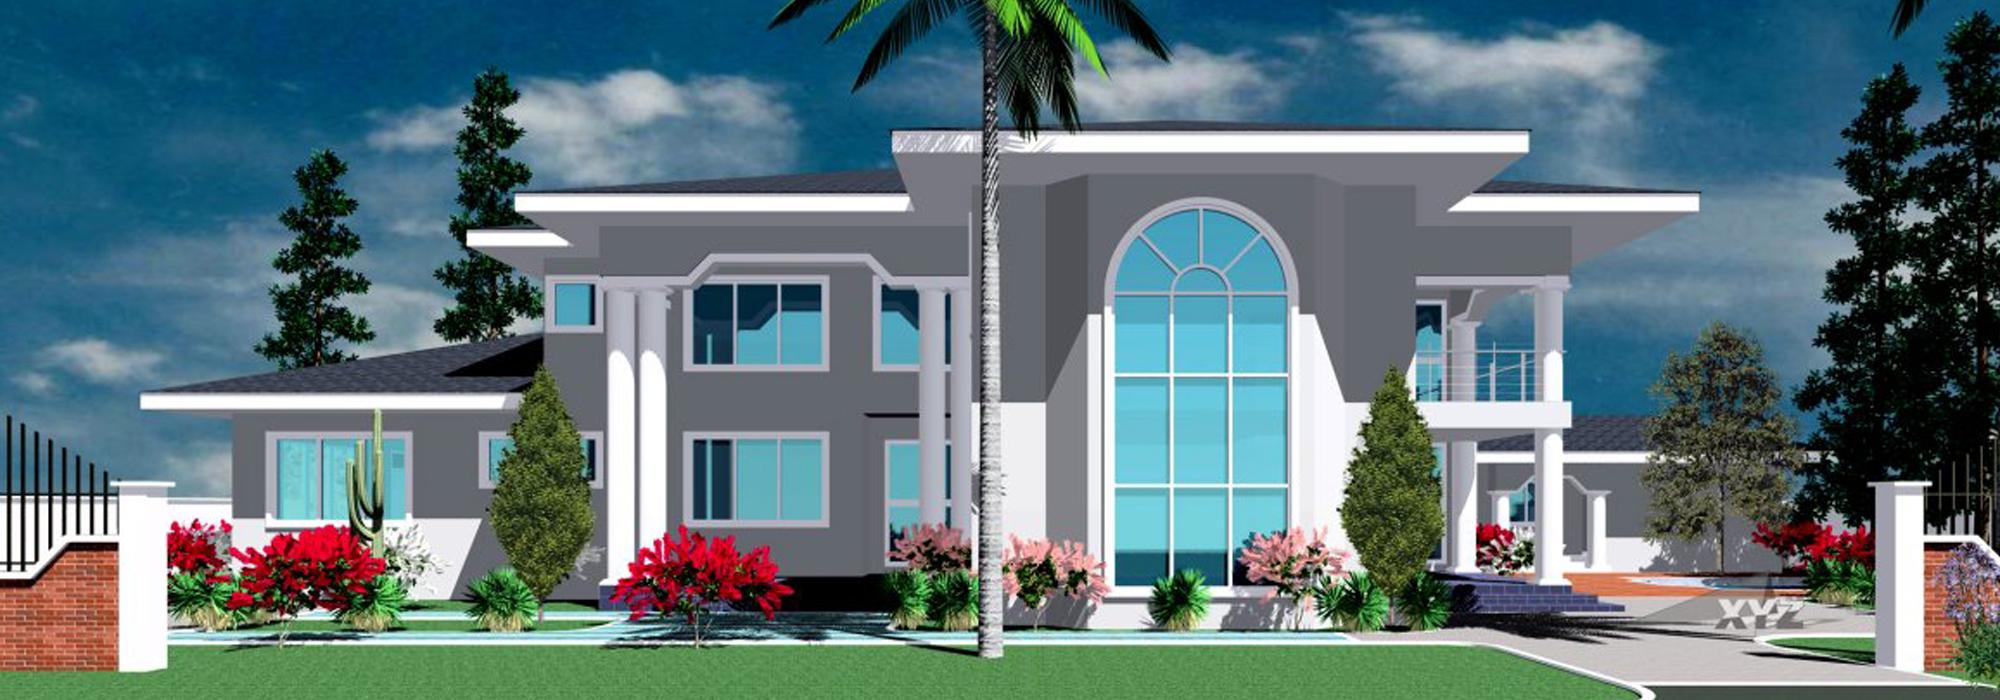 Beautiful Mantse Luxury Home In Ghana Front